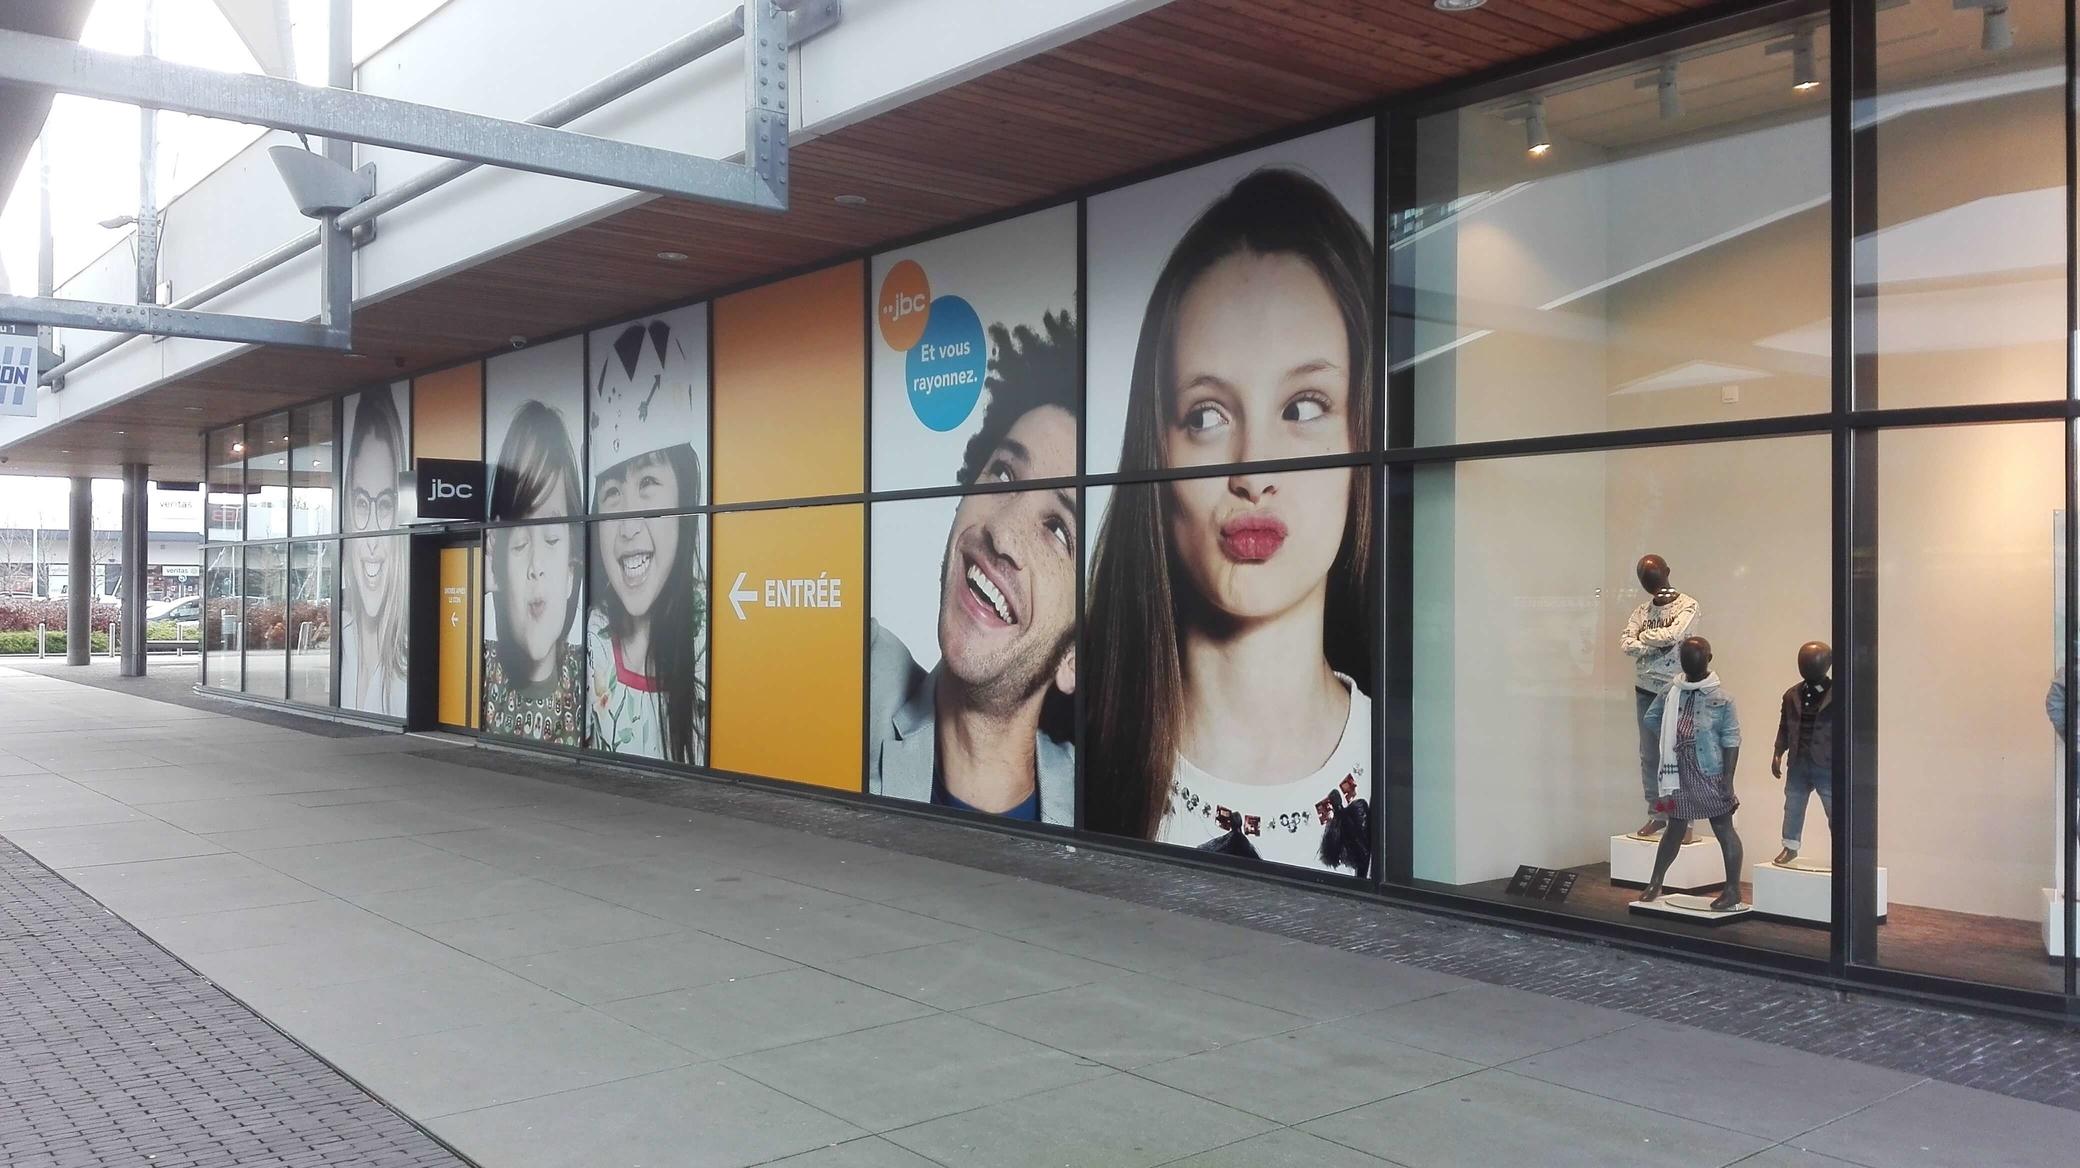 Bestickeren van raam voor een winkel van JBC.